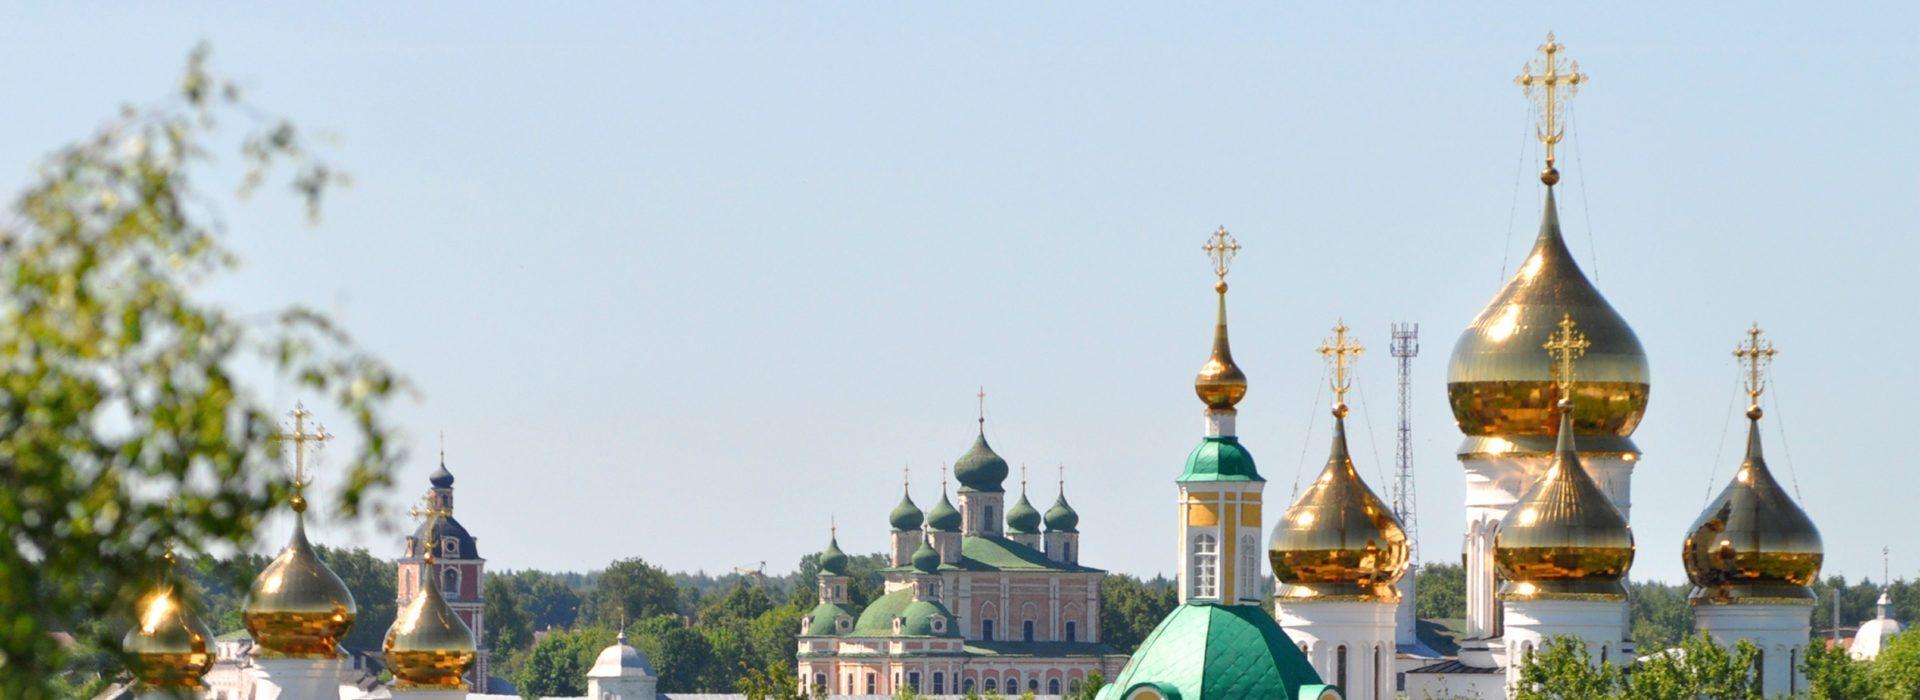 Переславль зовет: выходные на любой вкус